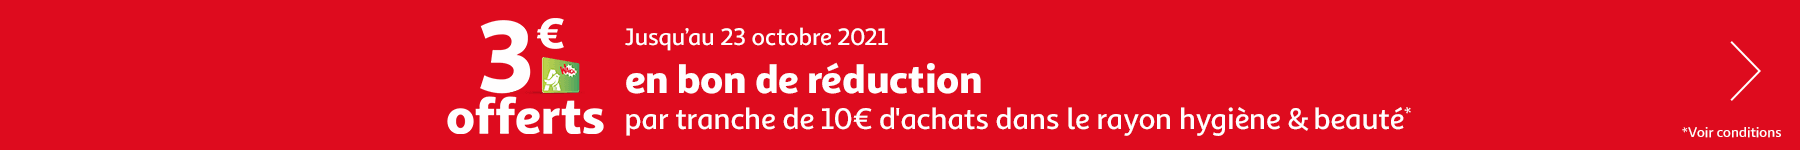 3€ offerts en bon de réduction par tranche de 10€ d'achats dans le rayon hygiène et beauté